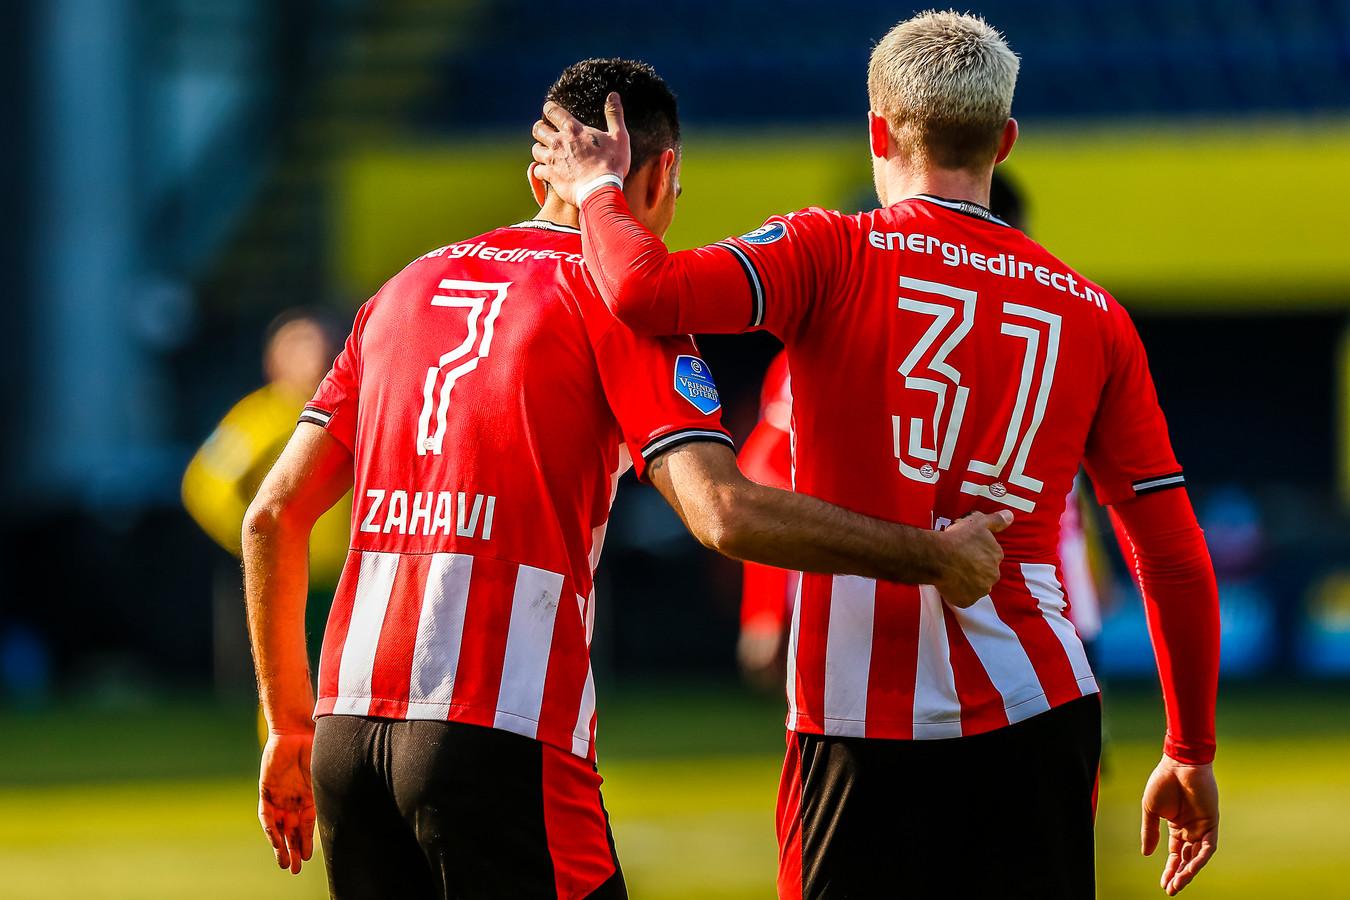 De kans op succes vergroten, dat is wat PSV uiteindelijk wil.